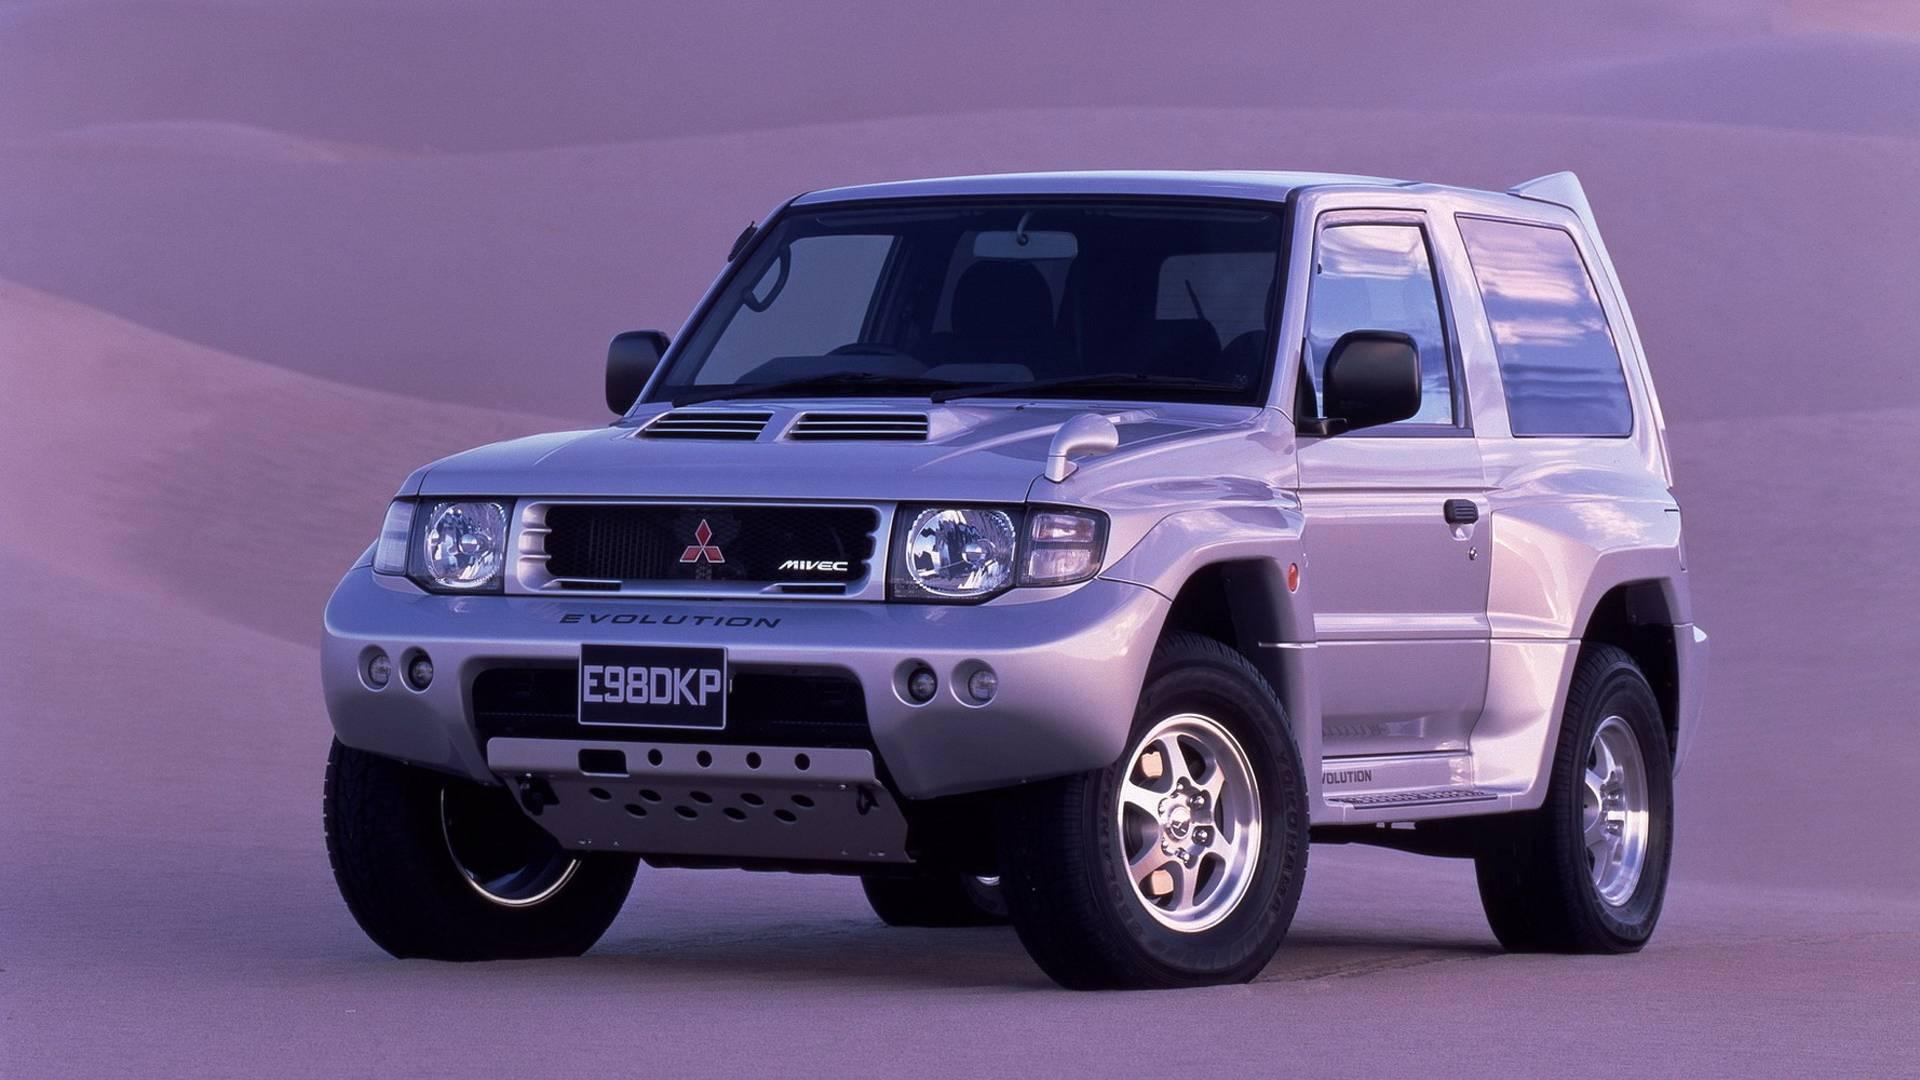 Mitsubishi Pajero Images